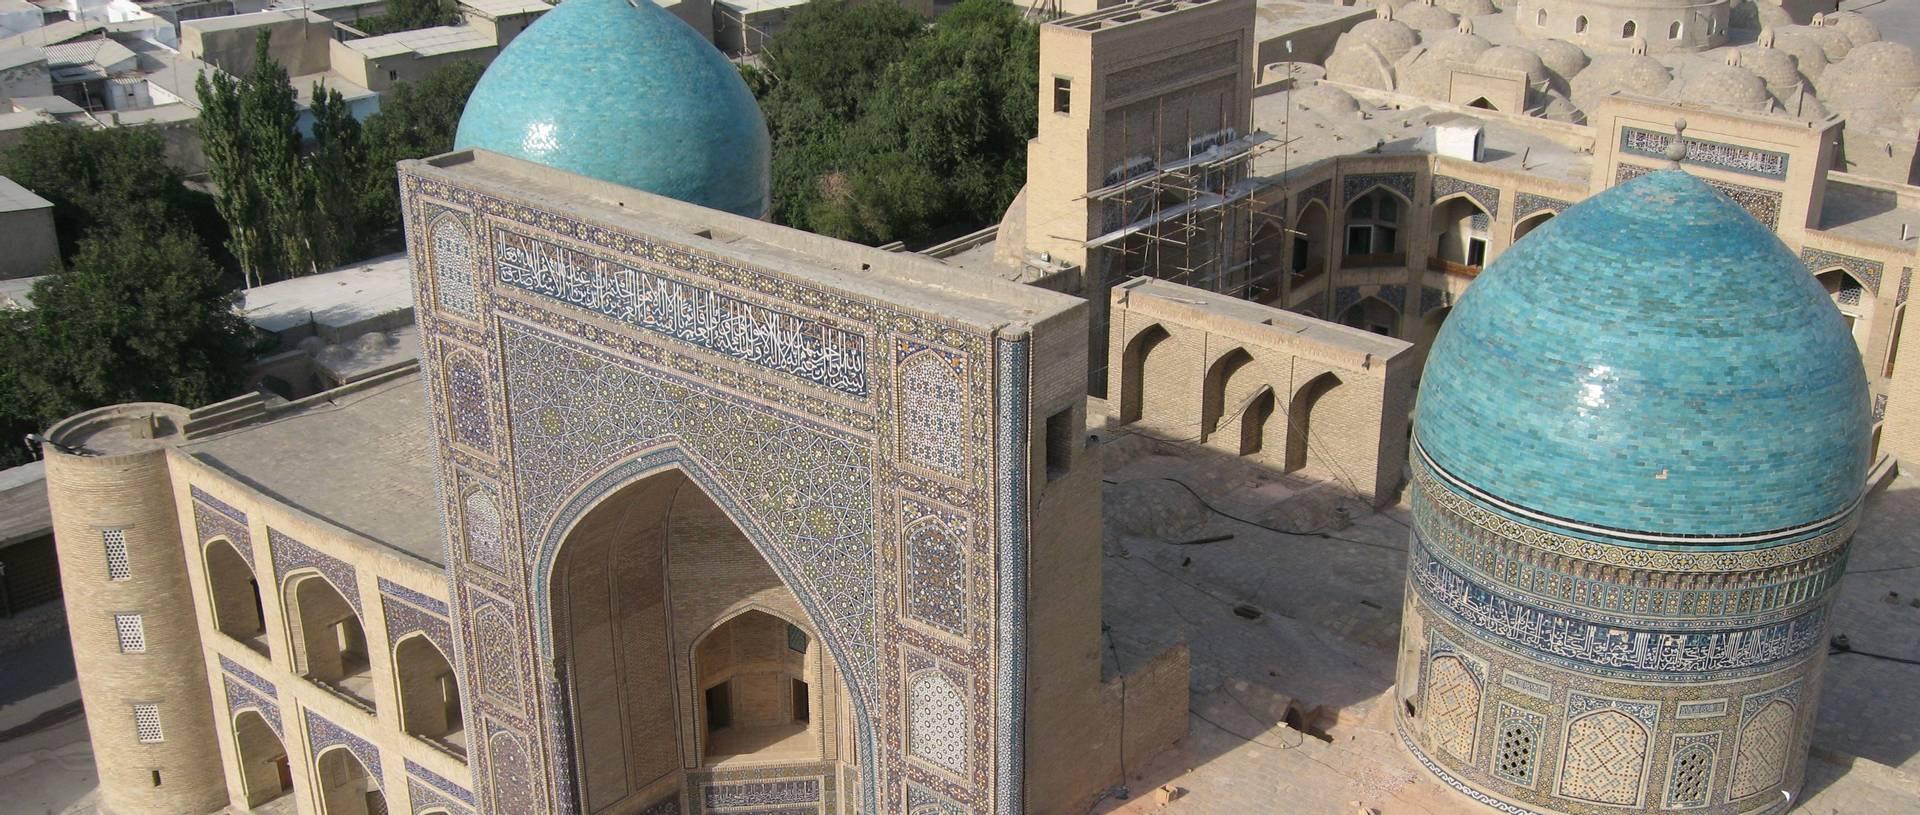 Mir I Arab Madrasa Bukhara